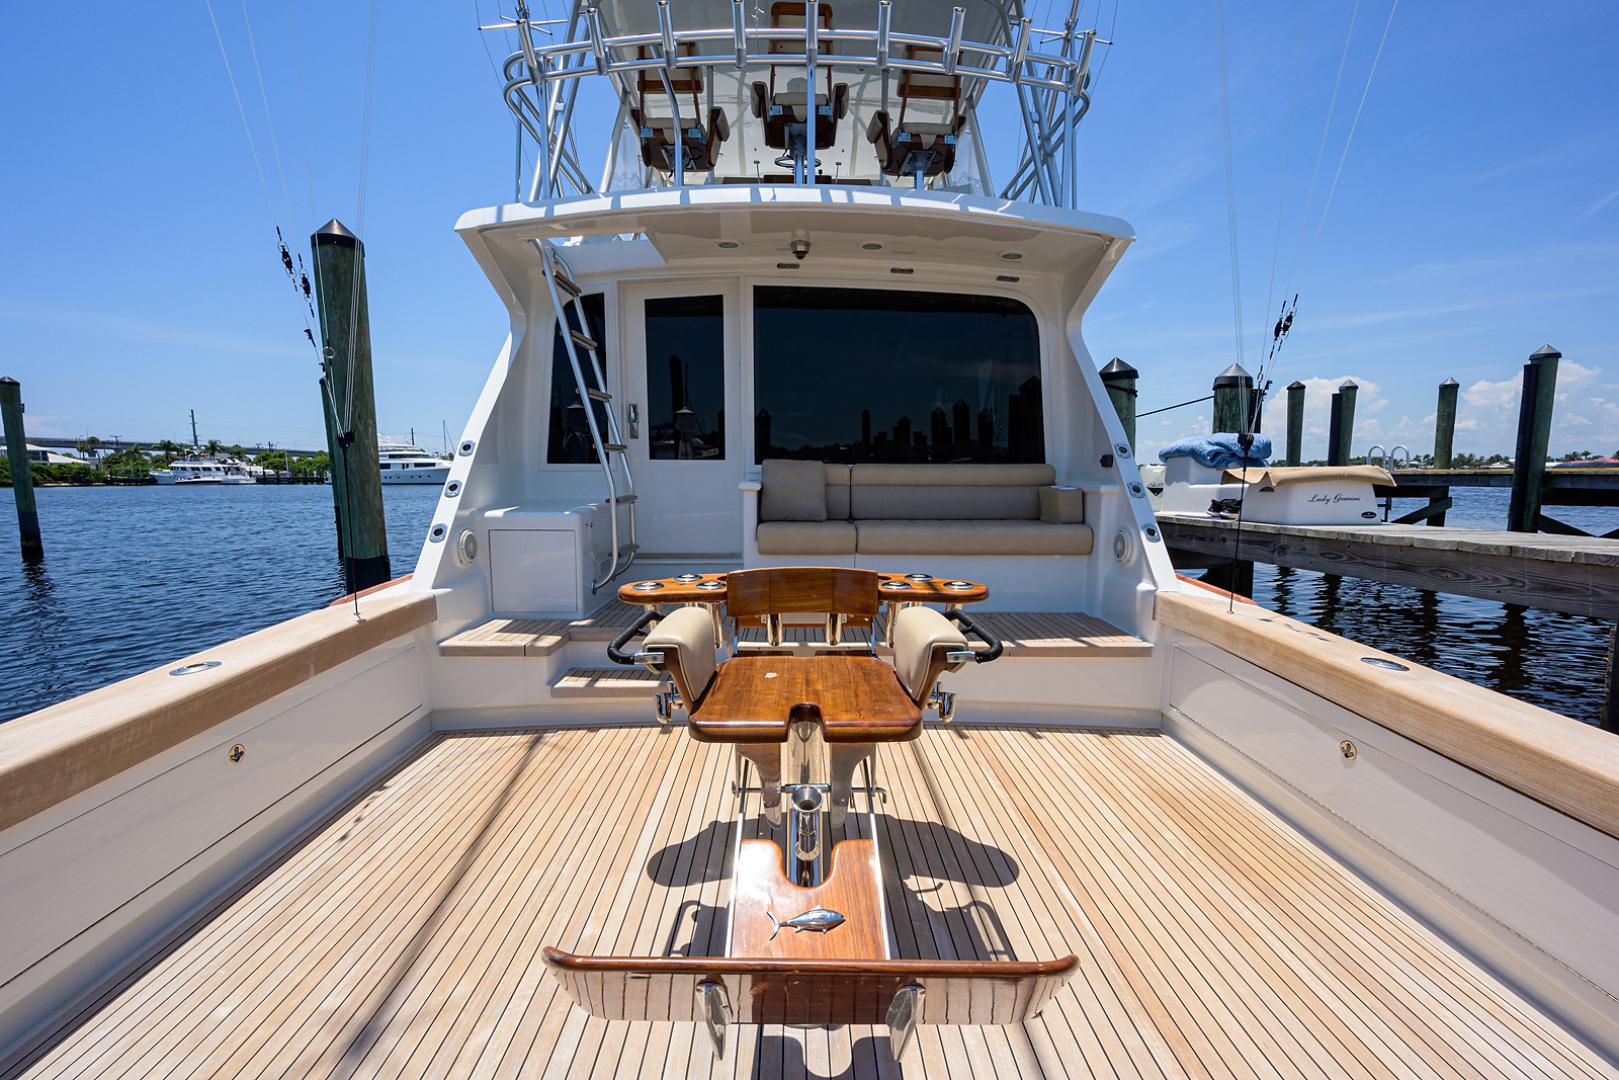 Monterey-Sportfish 1991-Lady Gemini Mantoloking-New Jersey-United States-Lady Gemini_cockpit_4-1451182 | Thumbnail